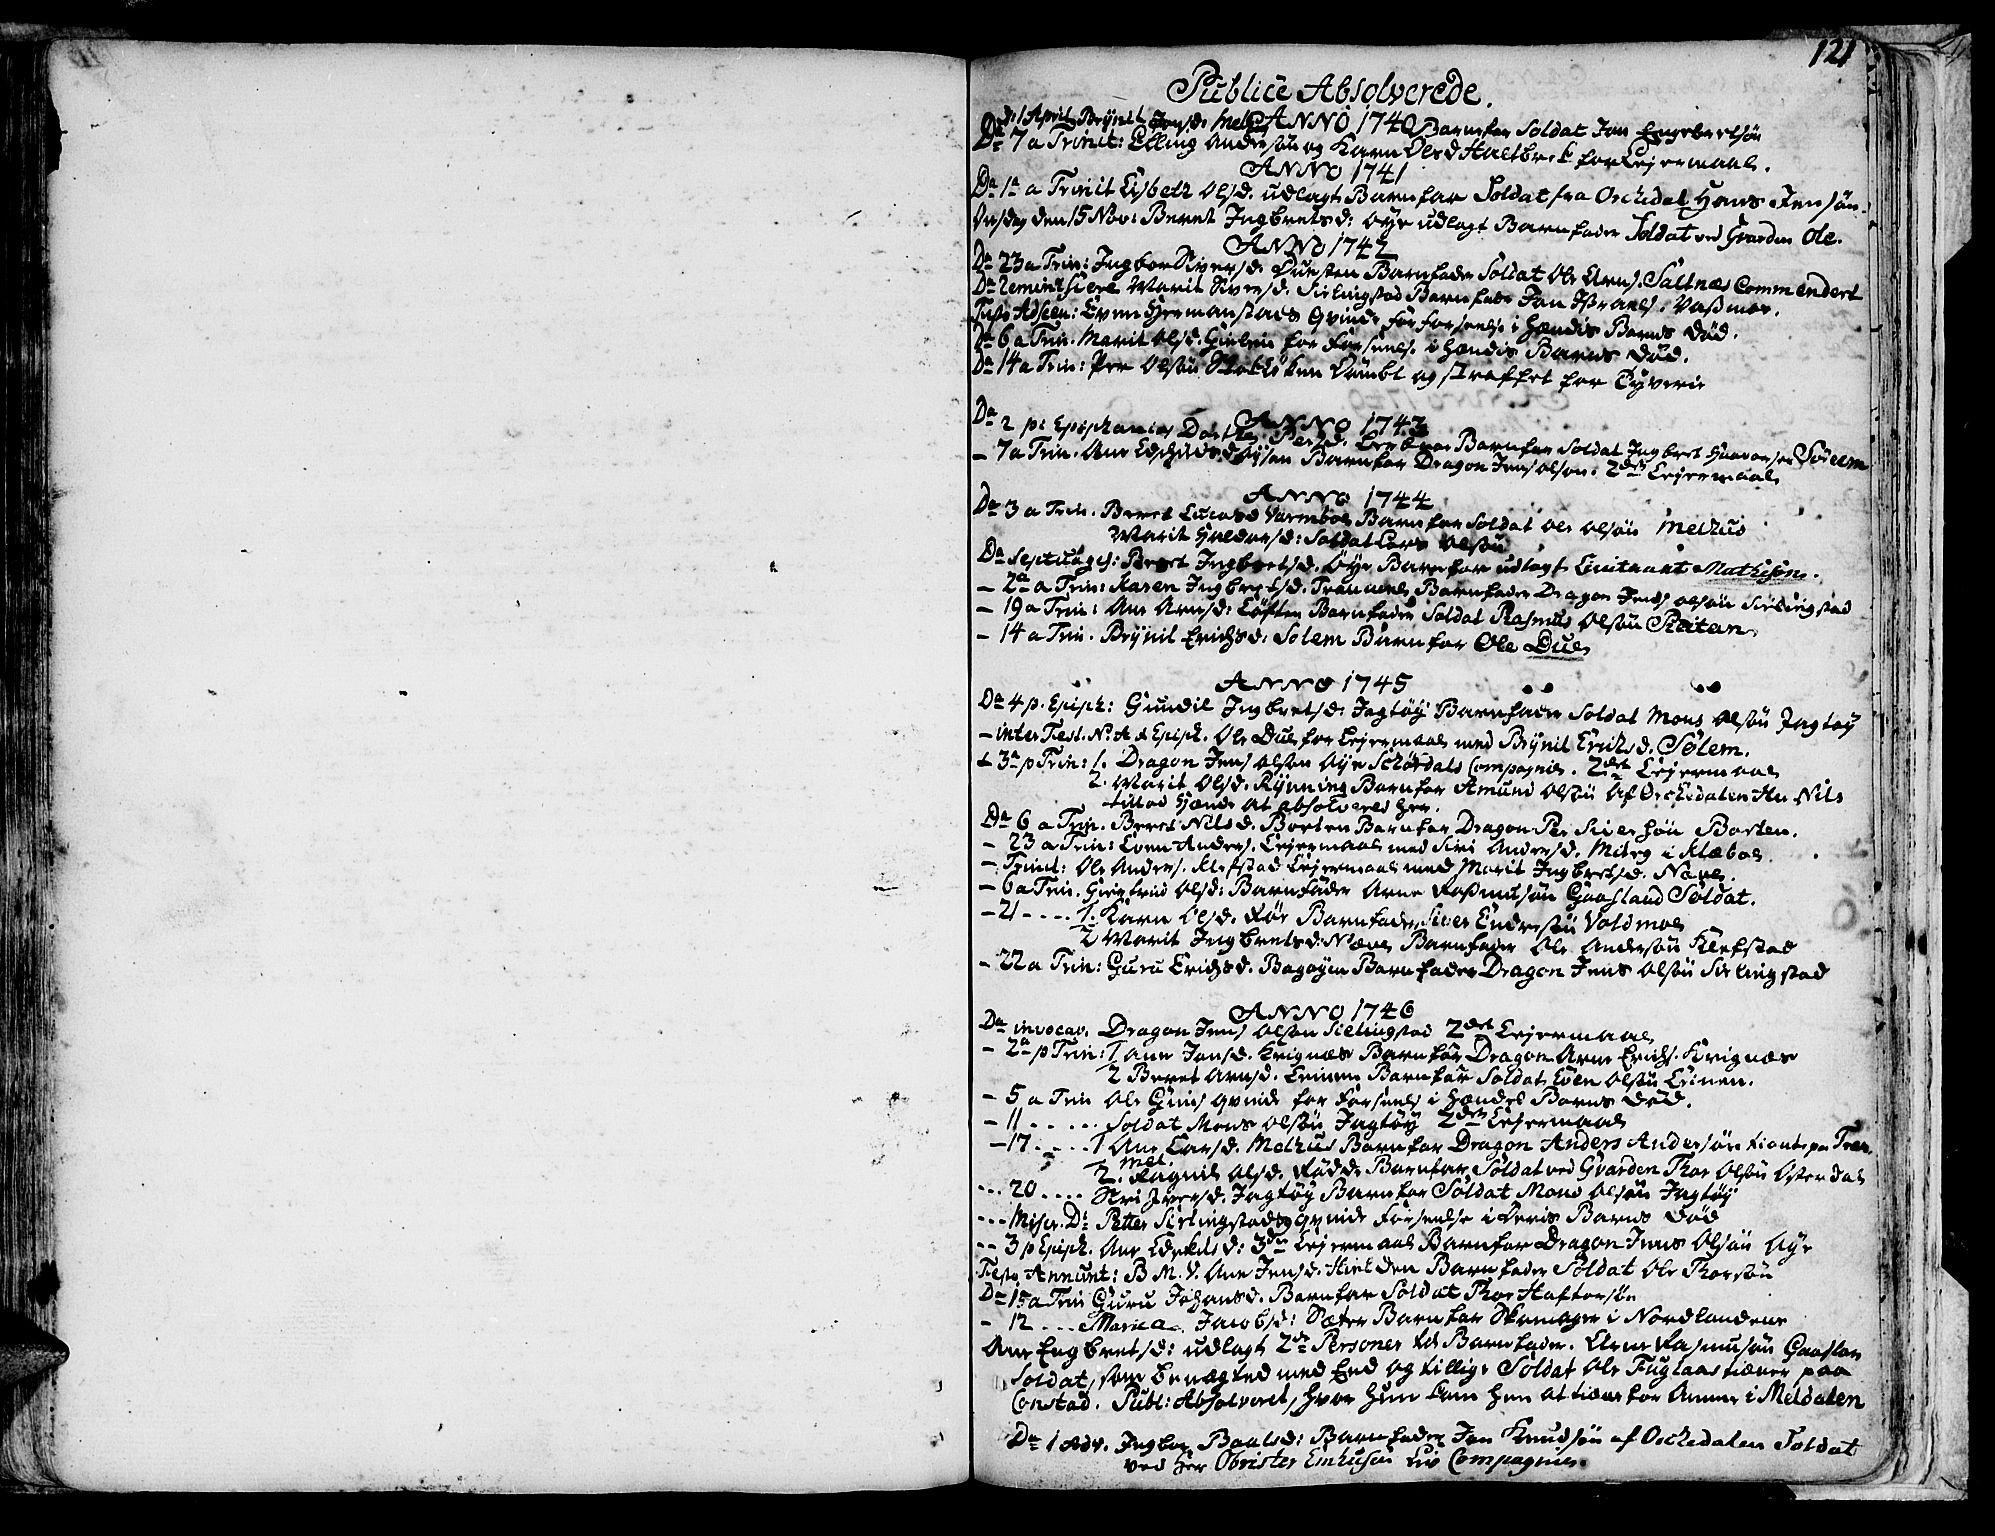 SAT, Ministerialprotokoller, klokkerbøker og fødselsregistre - Sør-Trøndelag, 691/L1057: Ministerialbok nr. 691A01 /1, 1740-1767, s. 121